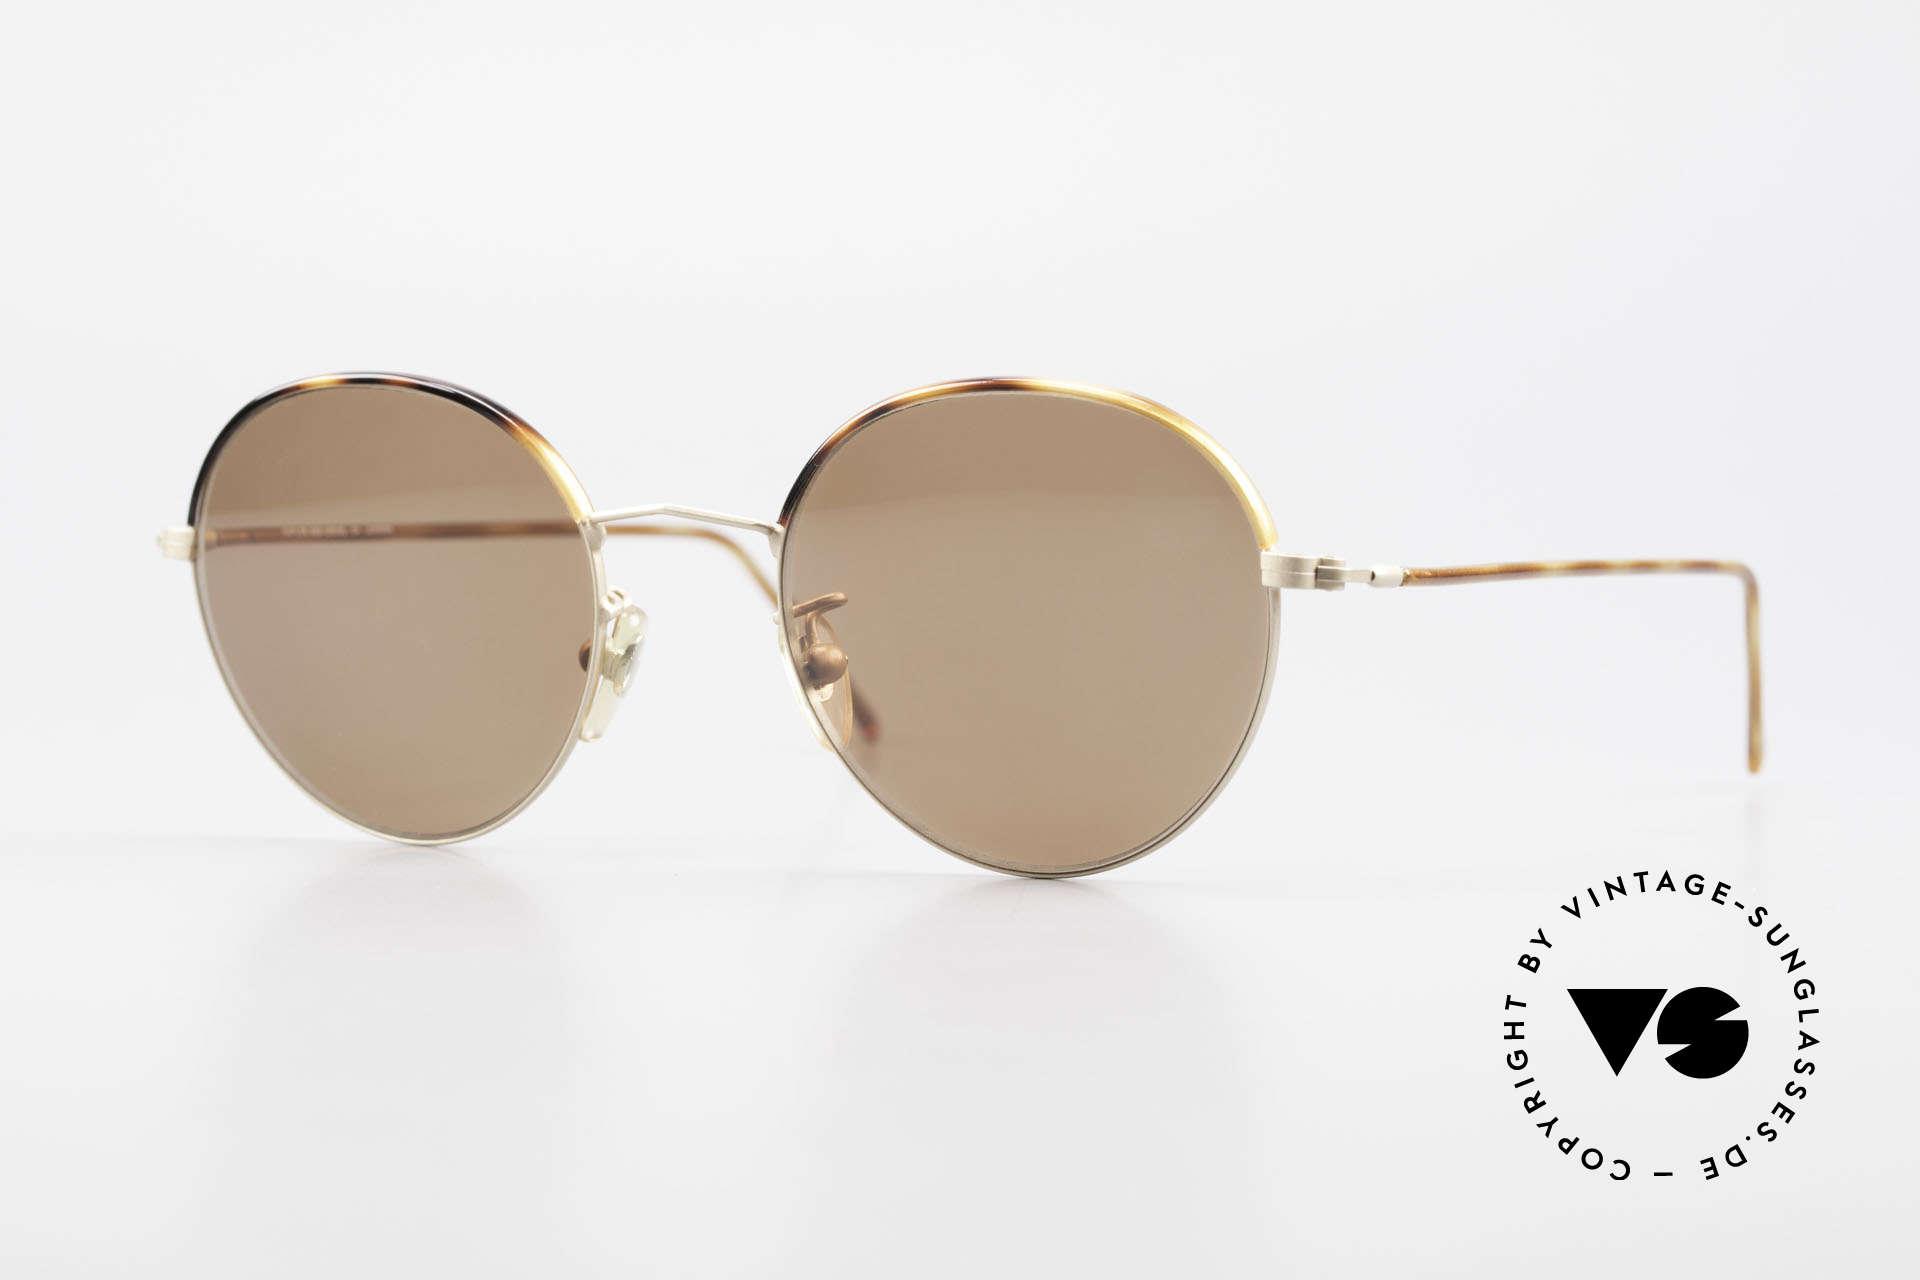 Cutler And Gross 0391 Runde Brille Windsorringe, Cutler & Gross London Designerbrille der späten 90er, Passend für Herren und Damen